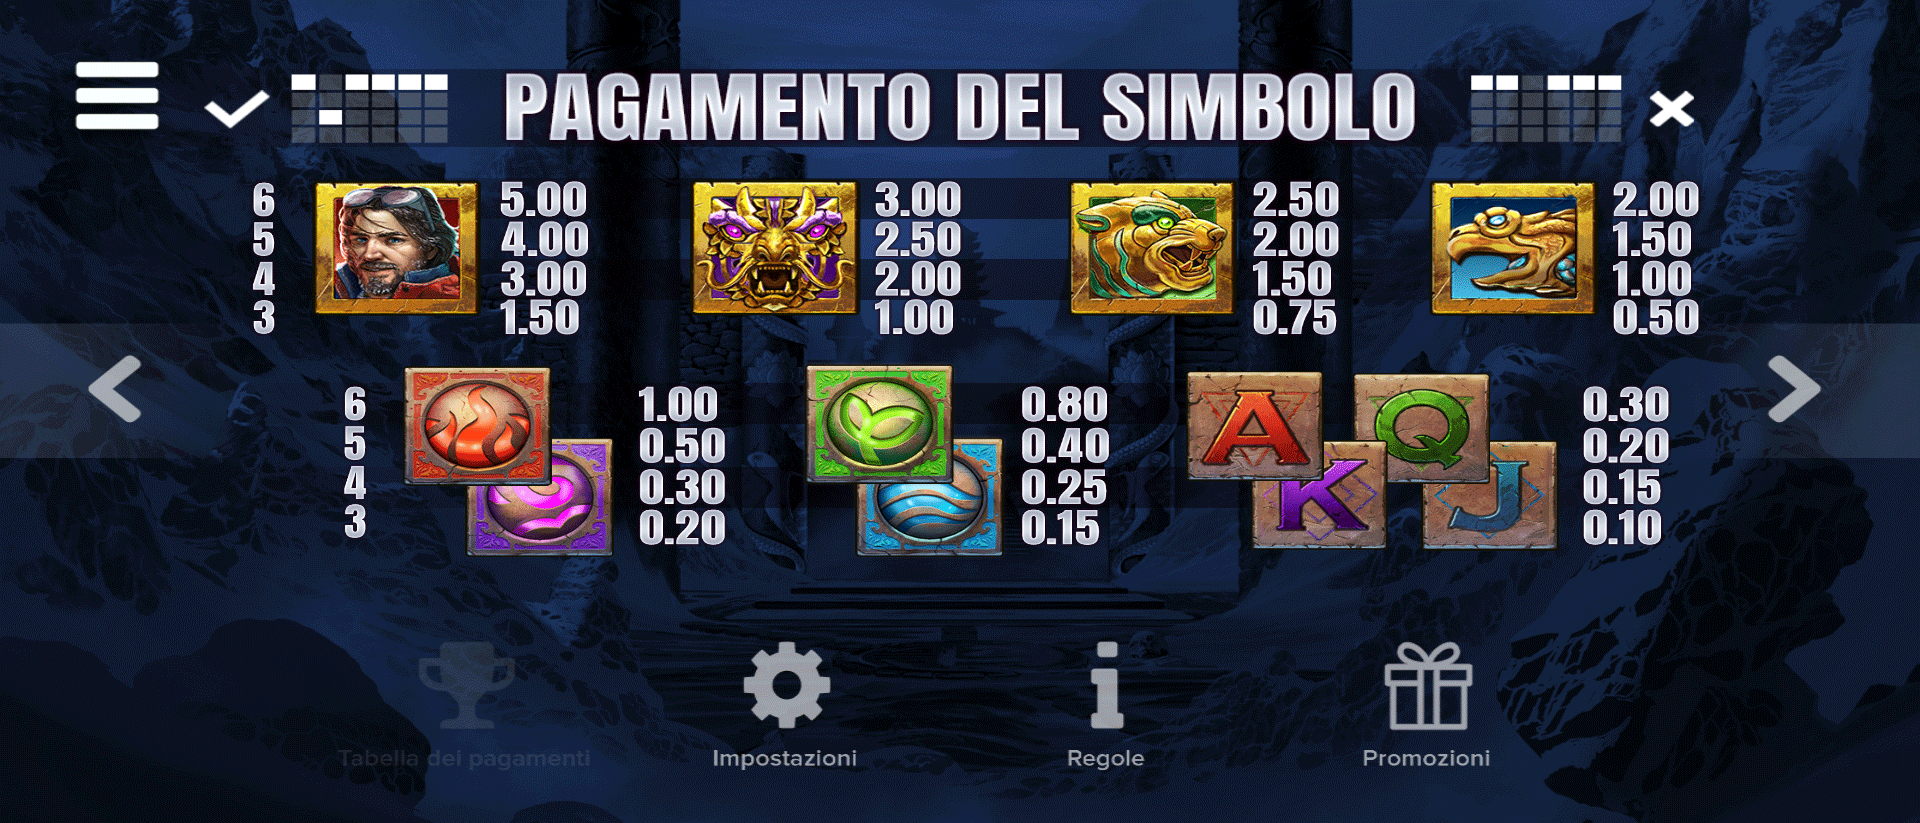 tabella dei simboli della slot machine katmandu gold